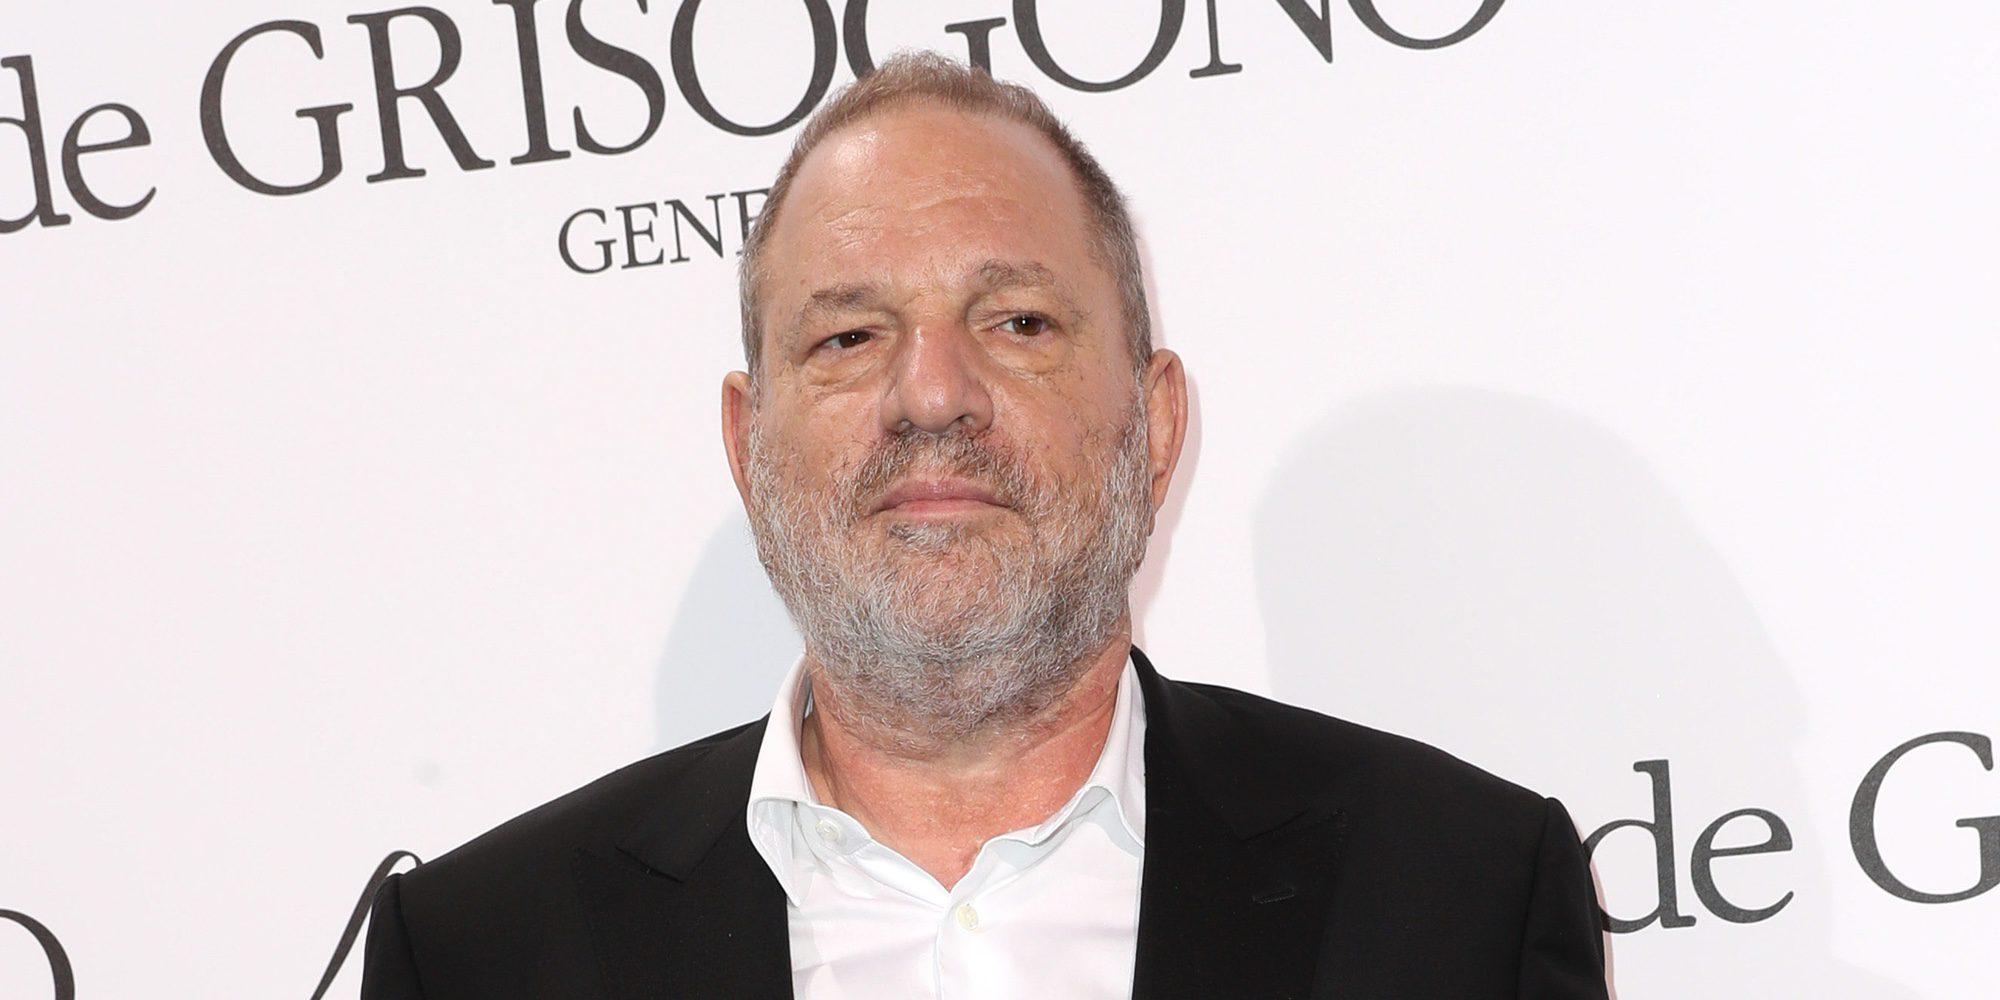 Una exayudante de Harvey Weinstein cobró 140.434 euros por su silencio tras ser acosada